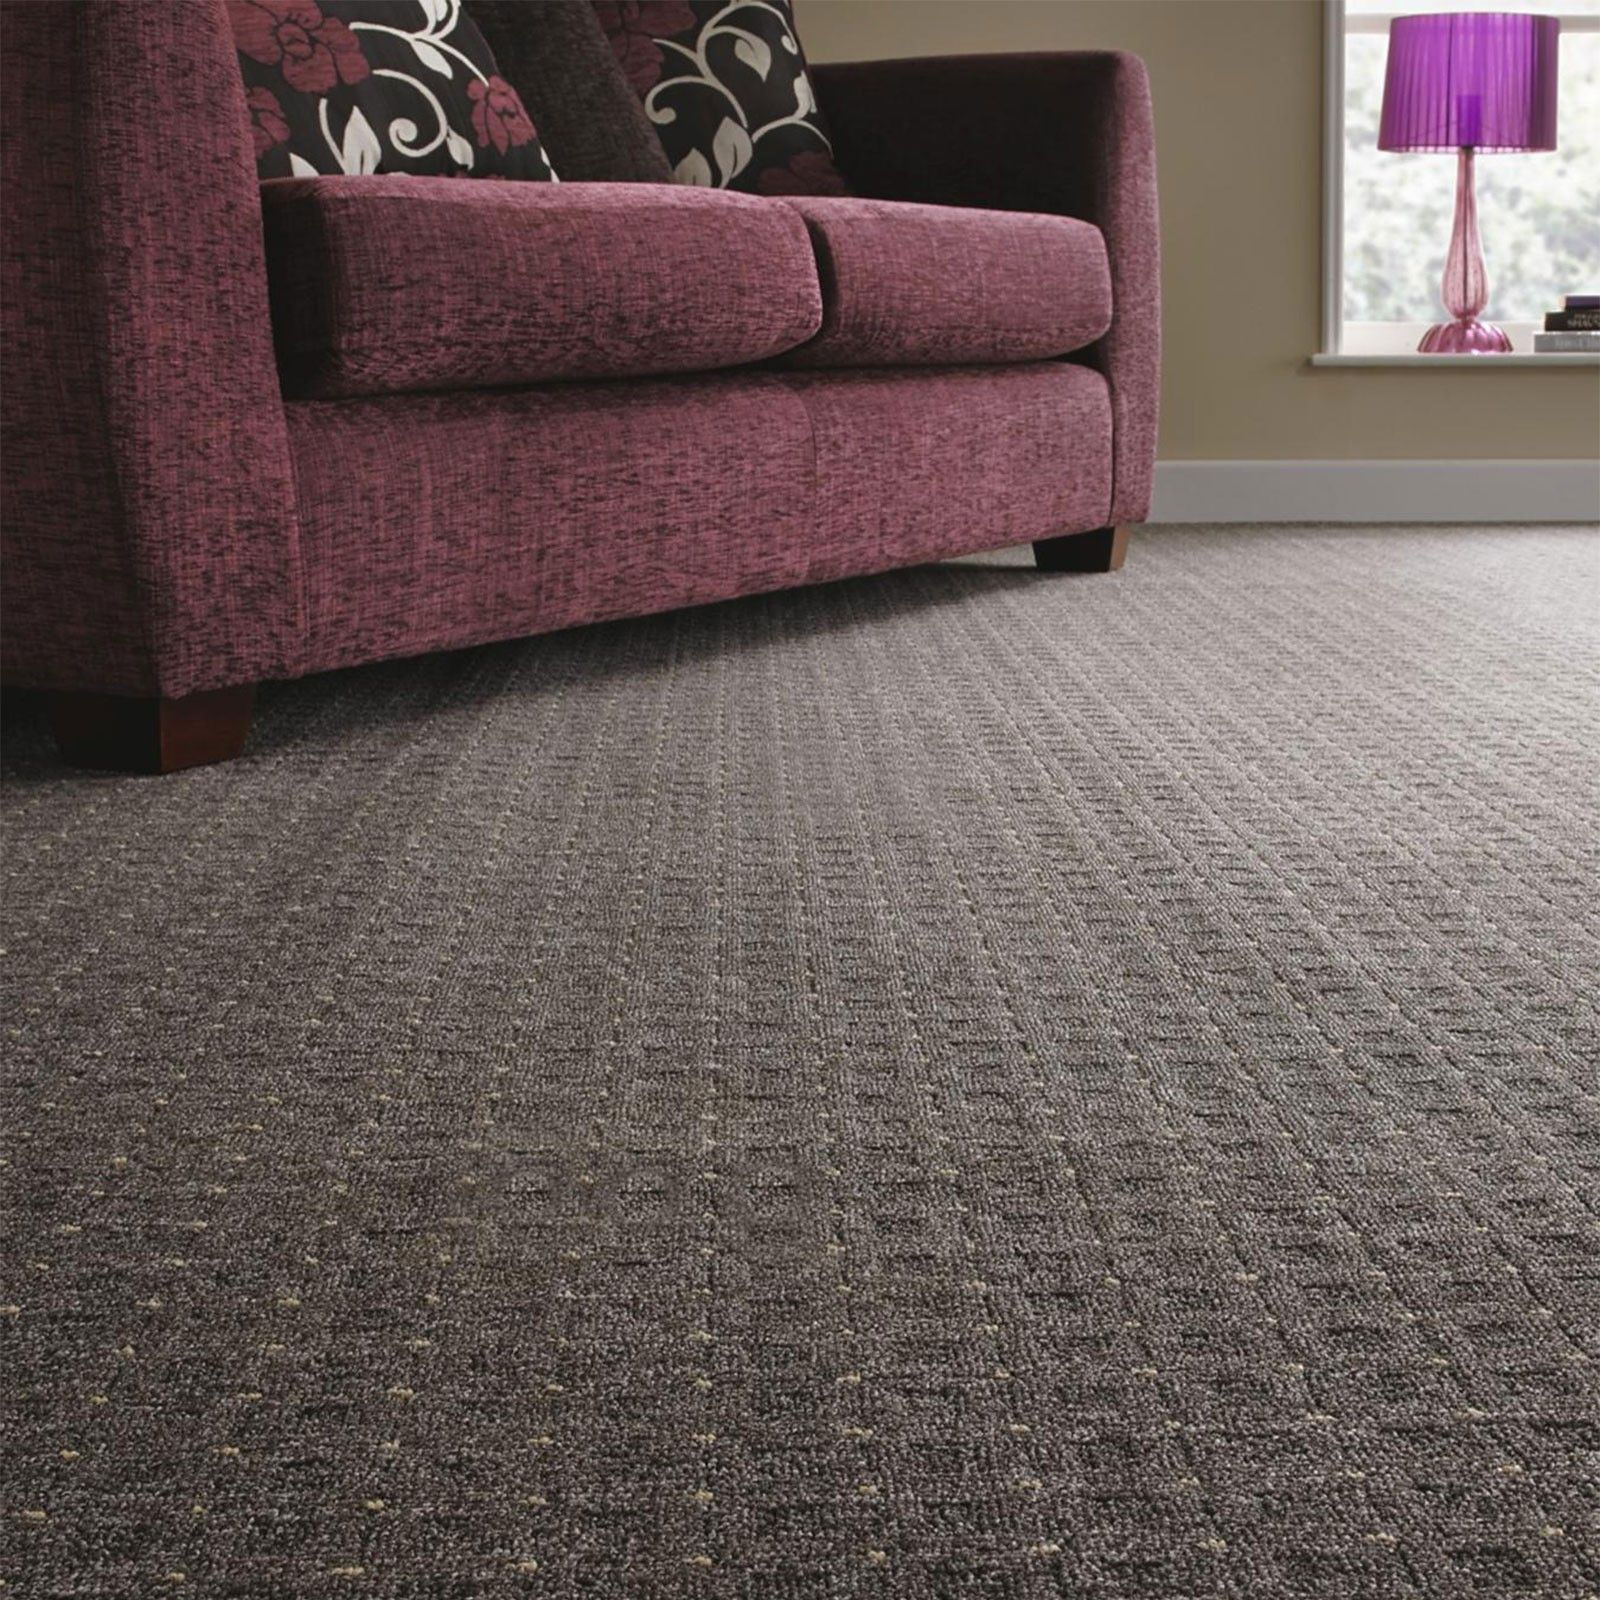 Online Carpets Uk >> Franco Carpet Buy Carpet Online Onlinecarpets Co Uk